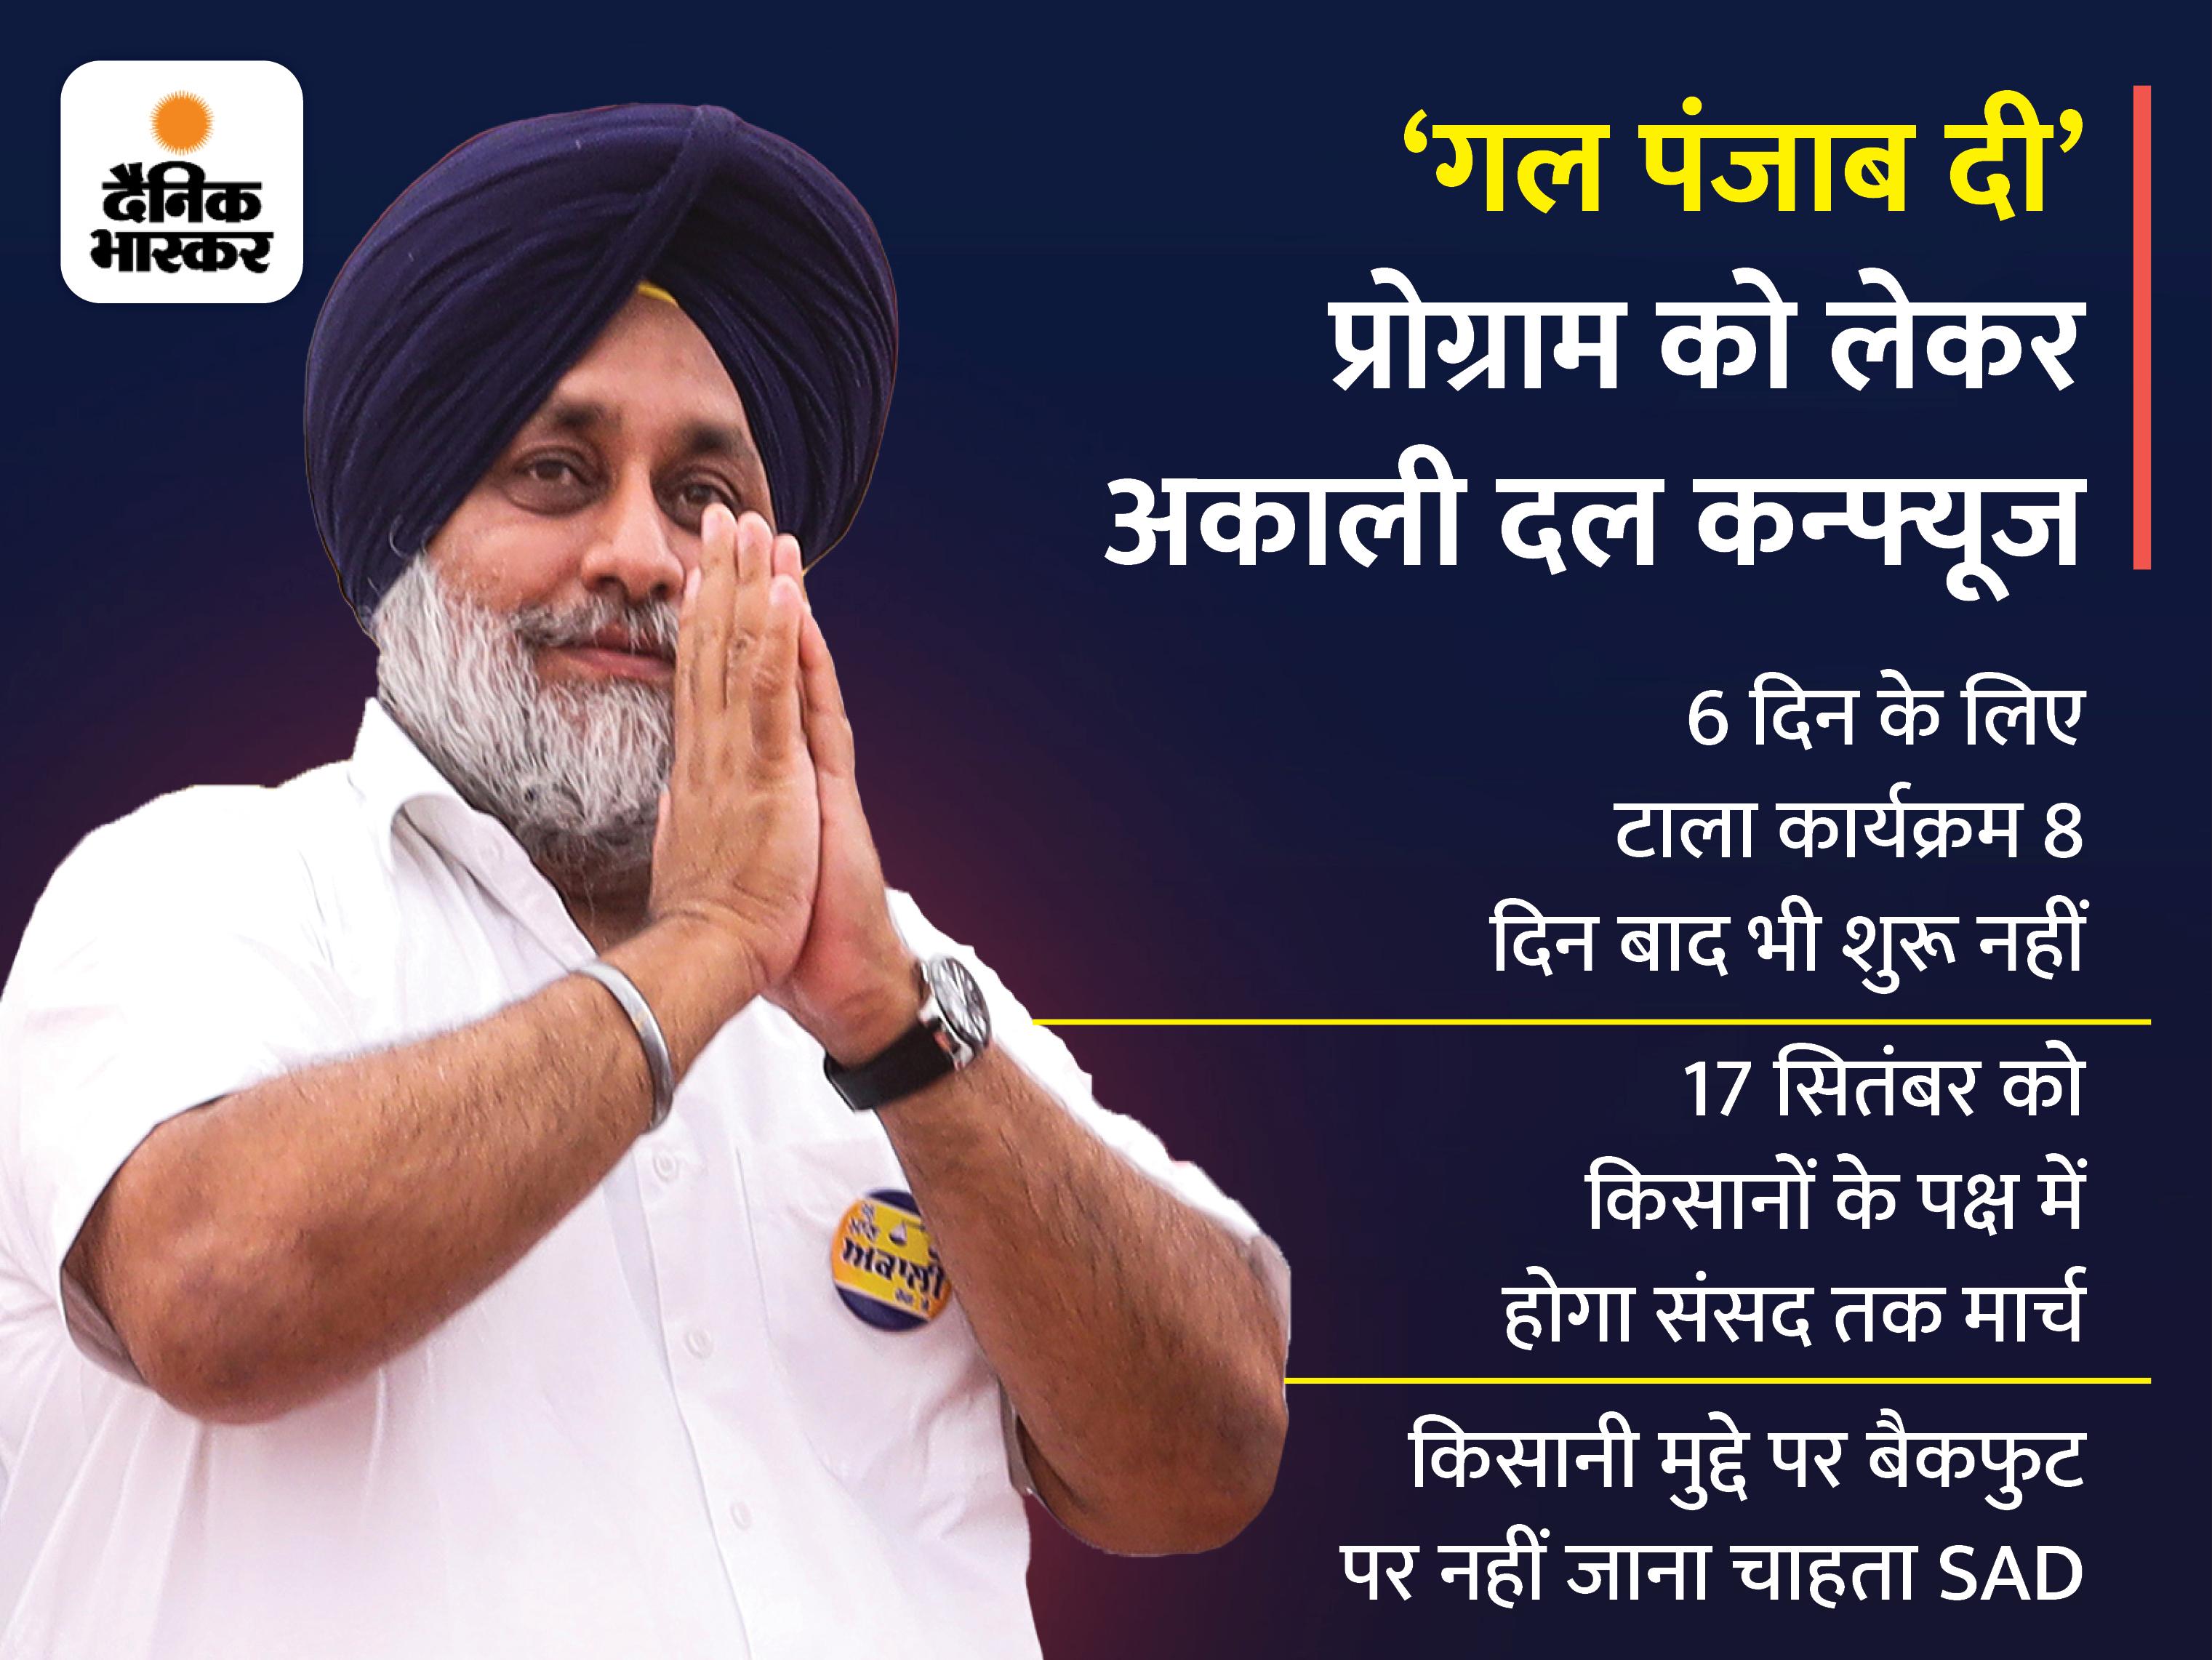 नई दिल्ली में रकाबगंज गुरुद्वारे से संसद भवन तक जाएगा मार्च, दूसरे राज्यों के कार्यकर्ता भी शामिल होंगे, सुखबीर का 100 विधानसभा सीटों का दौरा अधर में|लुधियाना,Ludhiana - Dainik Bhaskar